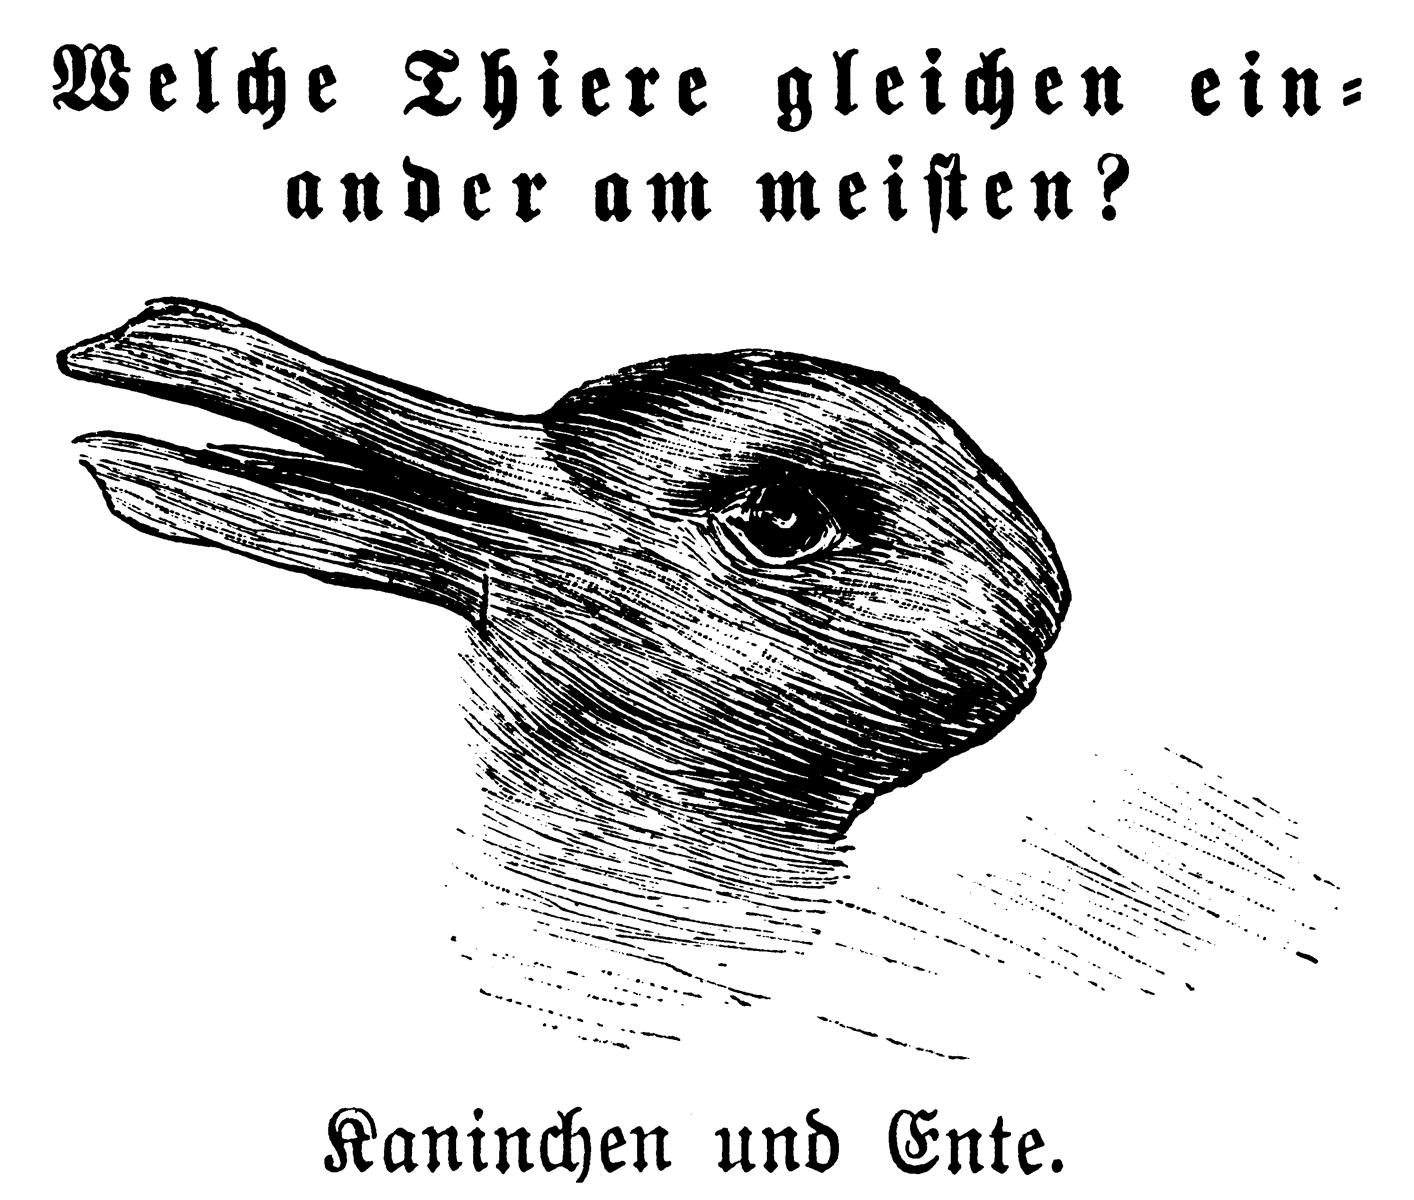 ¿Pato o conejo?